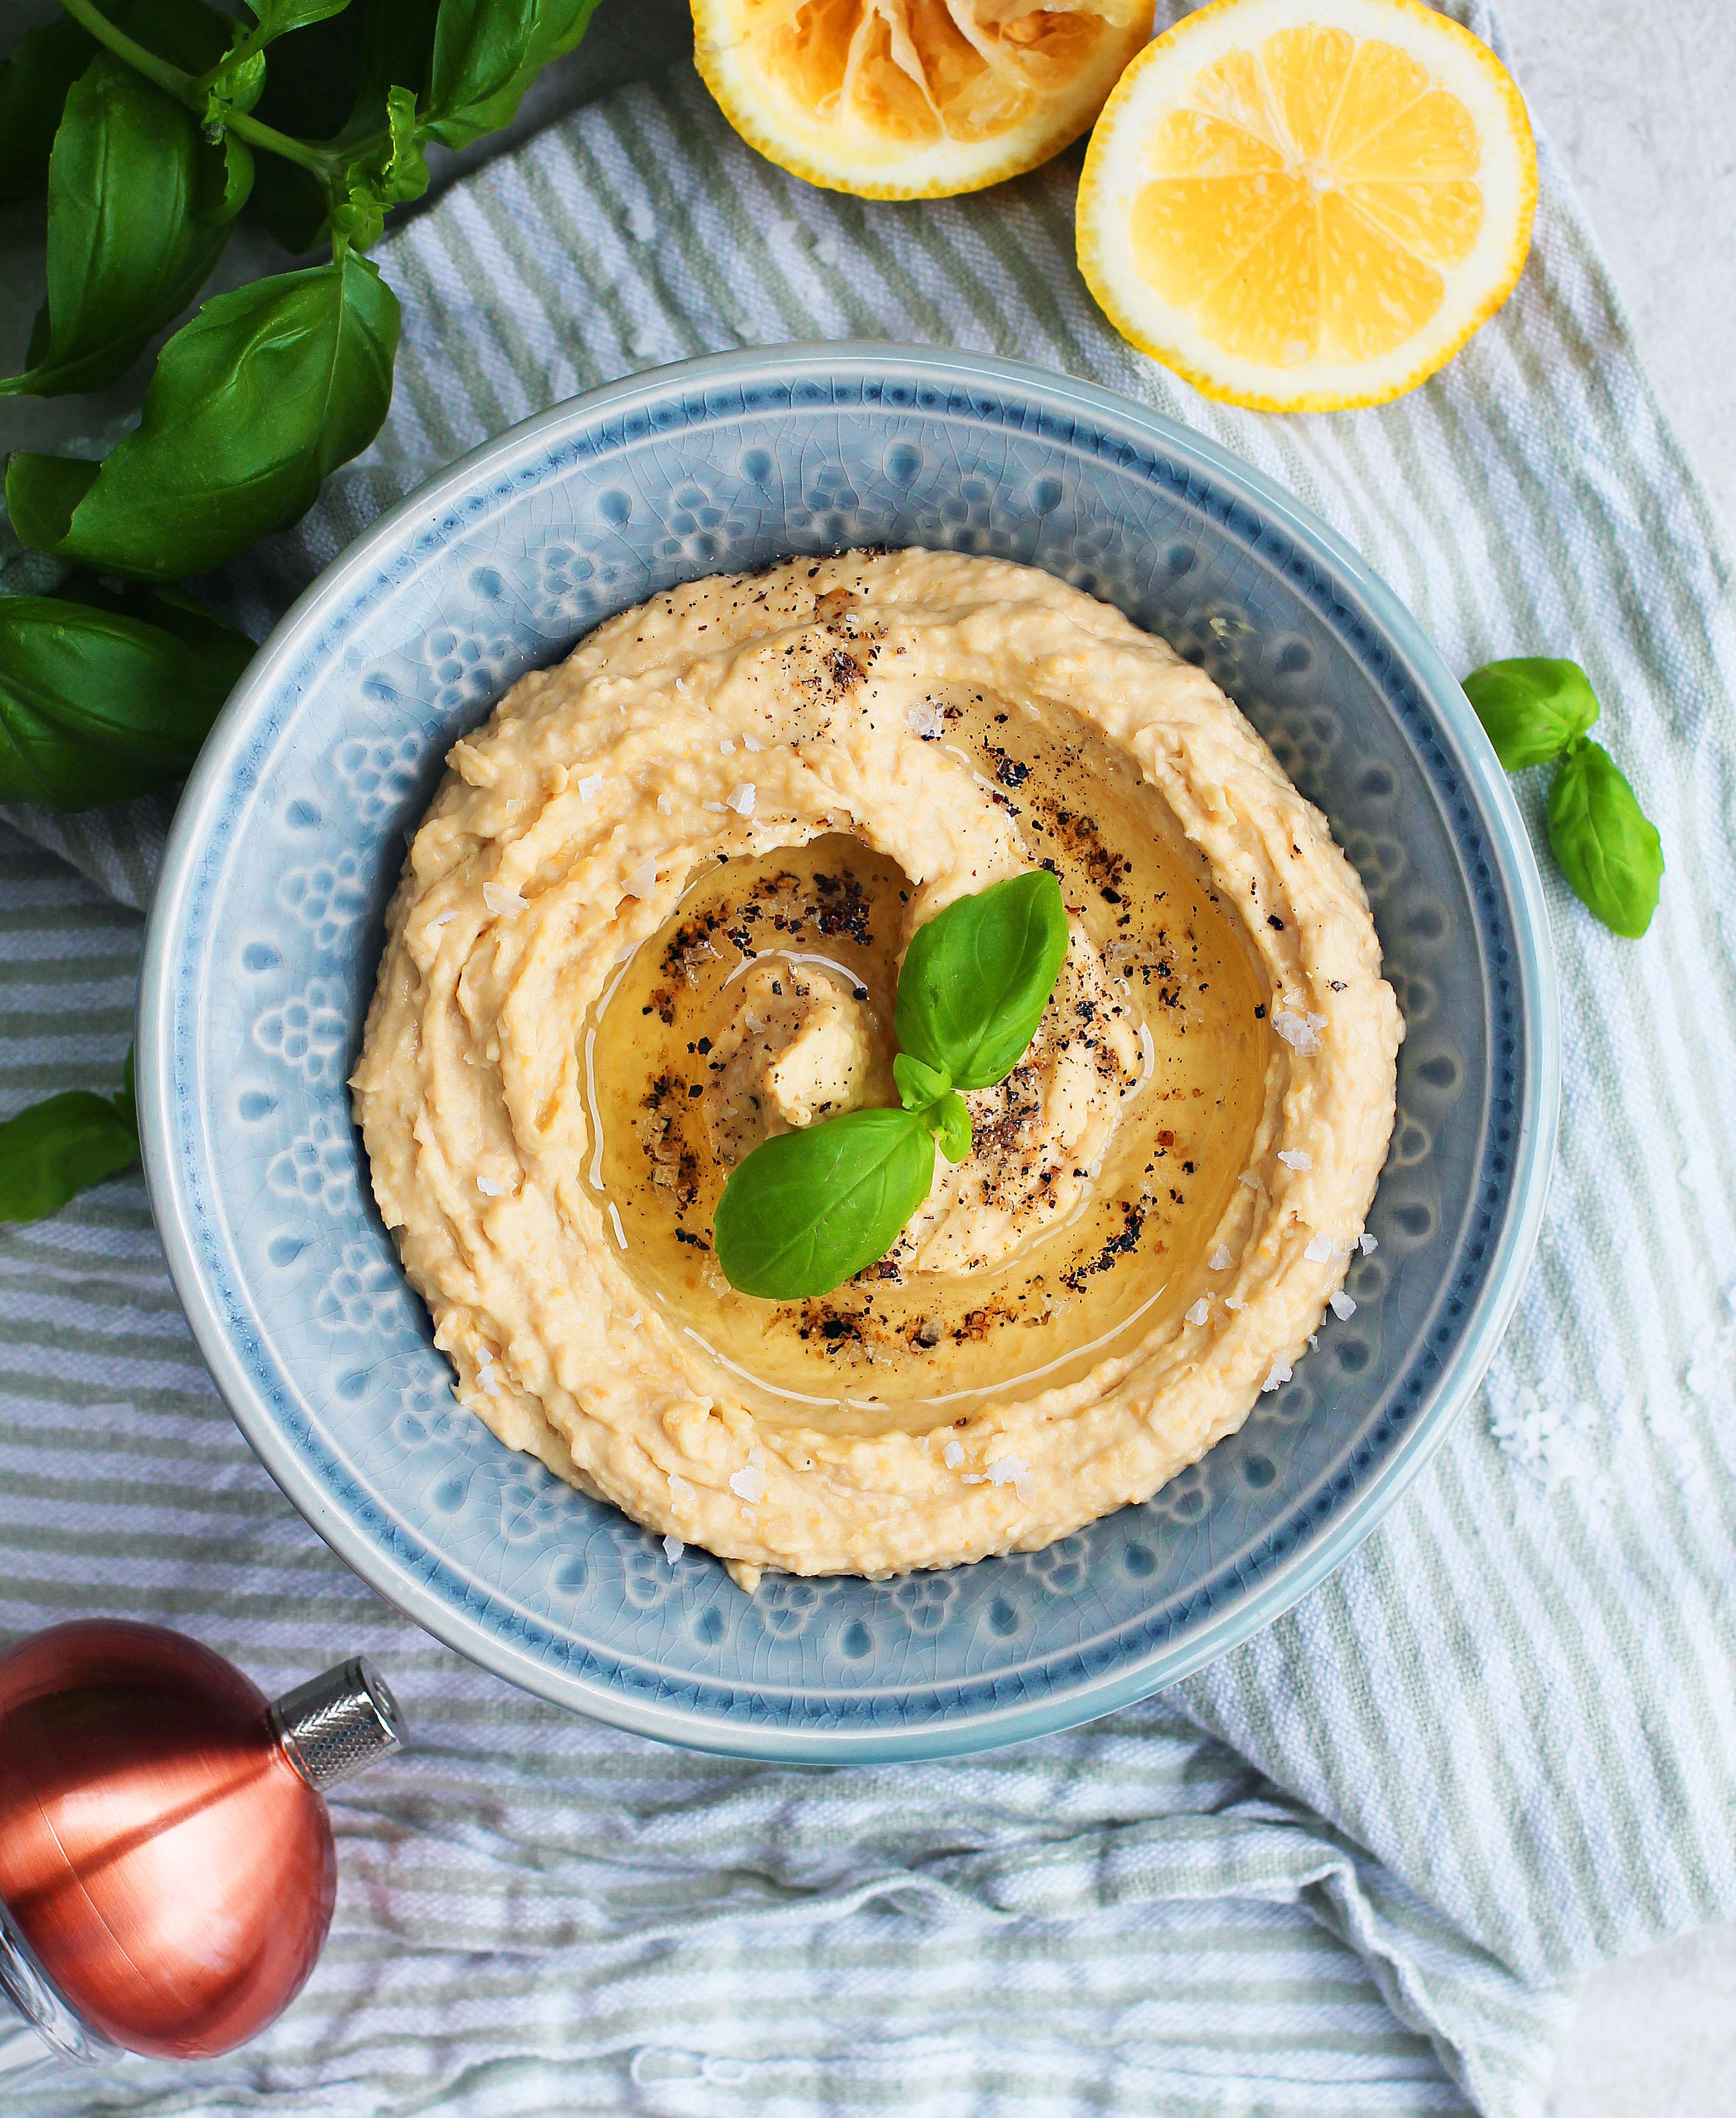 hummus godaste receptet